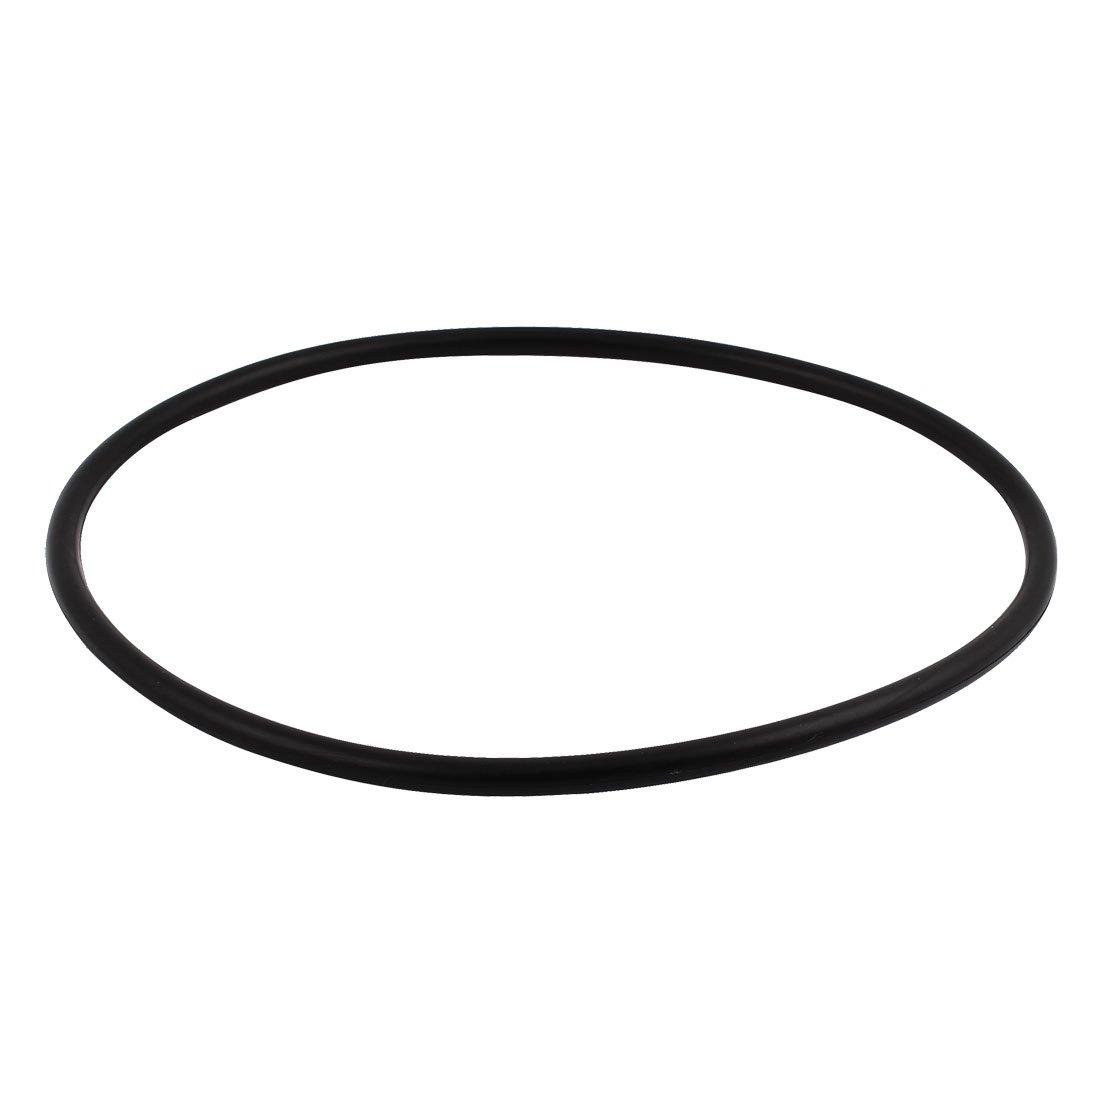 Sourcingmap® Nero Universale O-Ring 240mm x 8.6mm Buna-N Materiale Olio rondelle di Tenuta Anelli di Tenuta sourcing map US-SA-AJD-215545